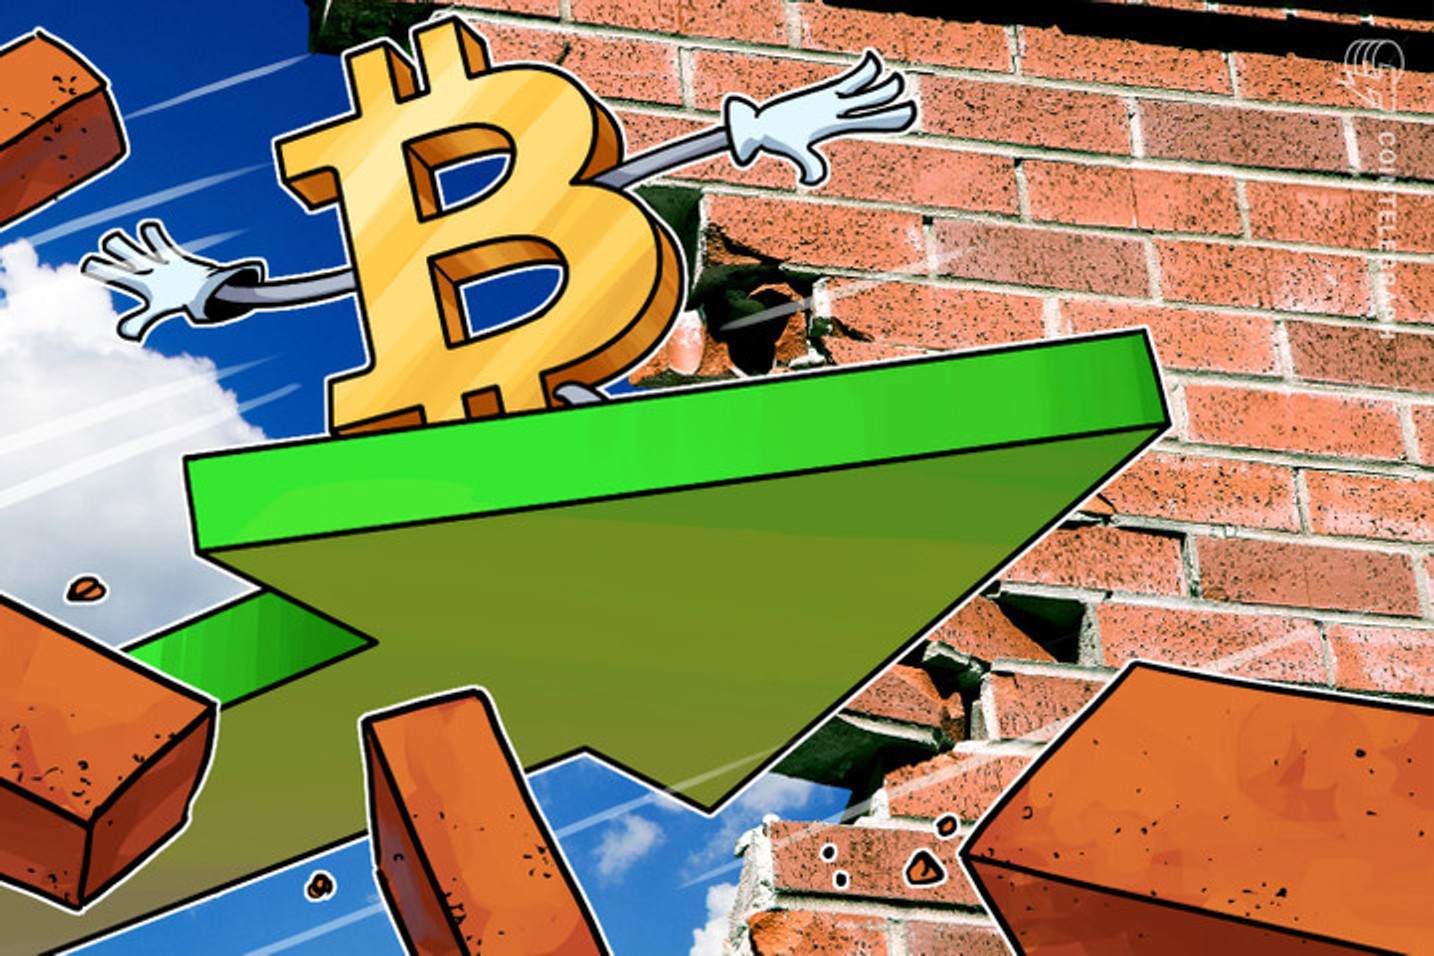 Banco digital da Mercado Bitcoin passa de R$ 1,5 bilhão em transações e prepara-se para atuar como instituição de pagamentos